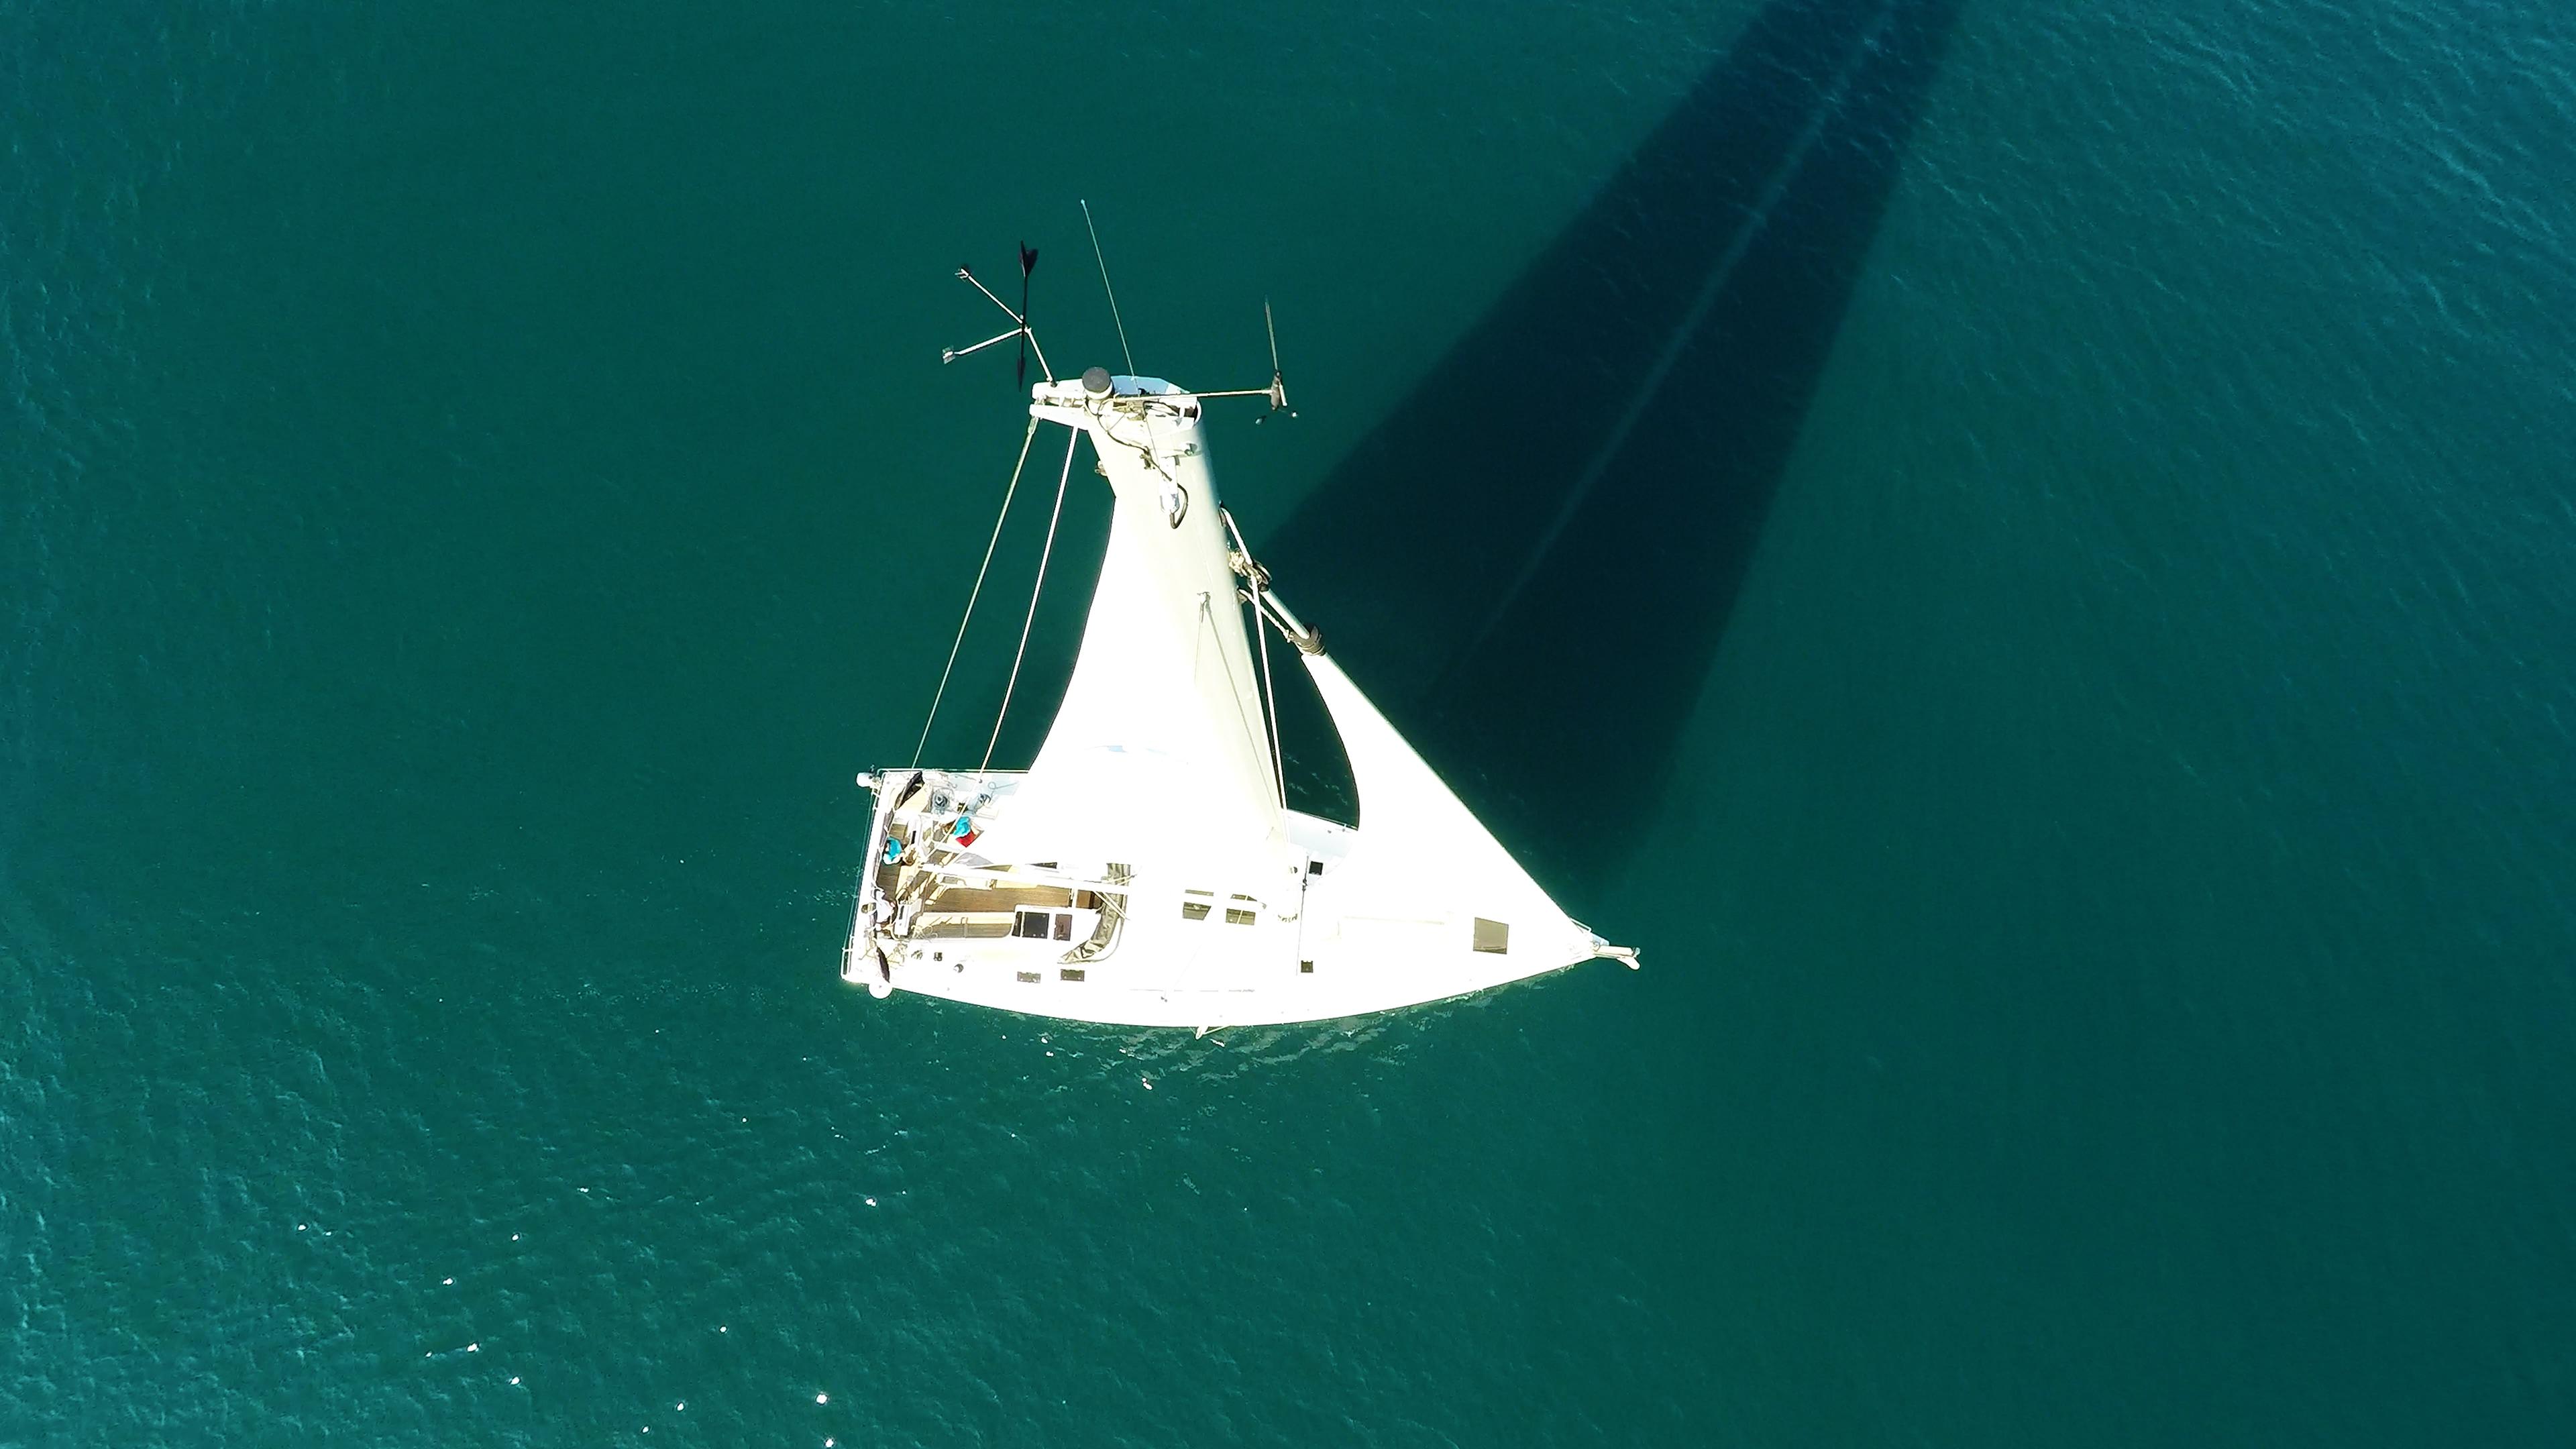 sailing yacht top mast wind indicator sailing yacht Hanse 505 deck rigging main sail genoa cockpit